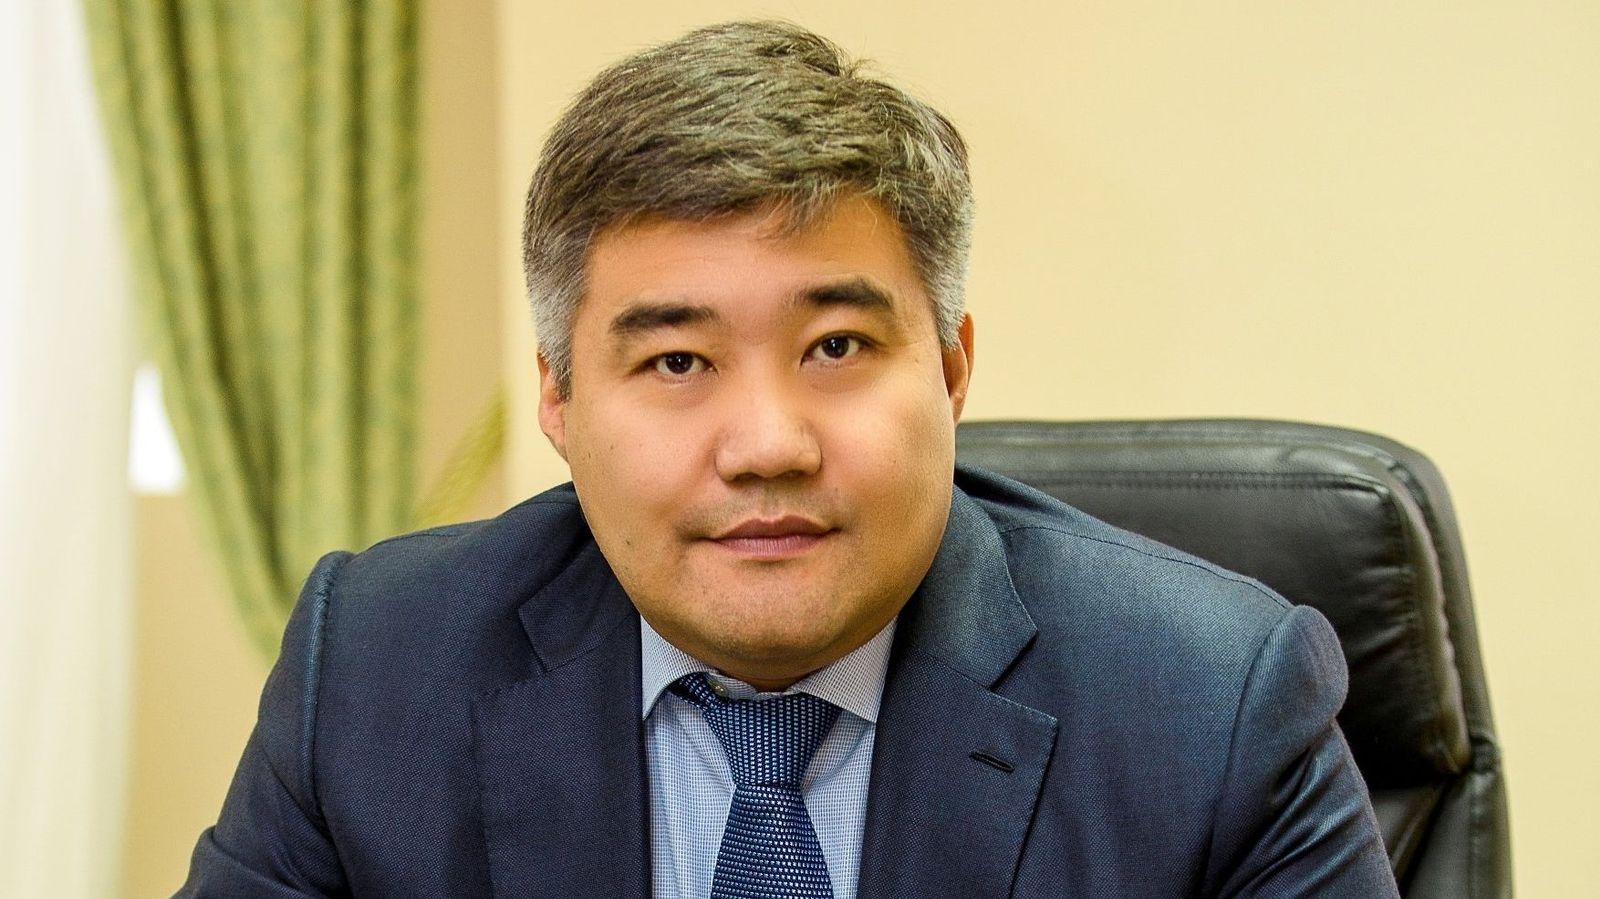 Дархан Калетаев стал первым заместителем руководителя Администрации президента РК